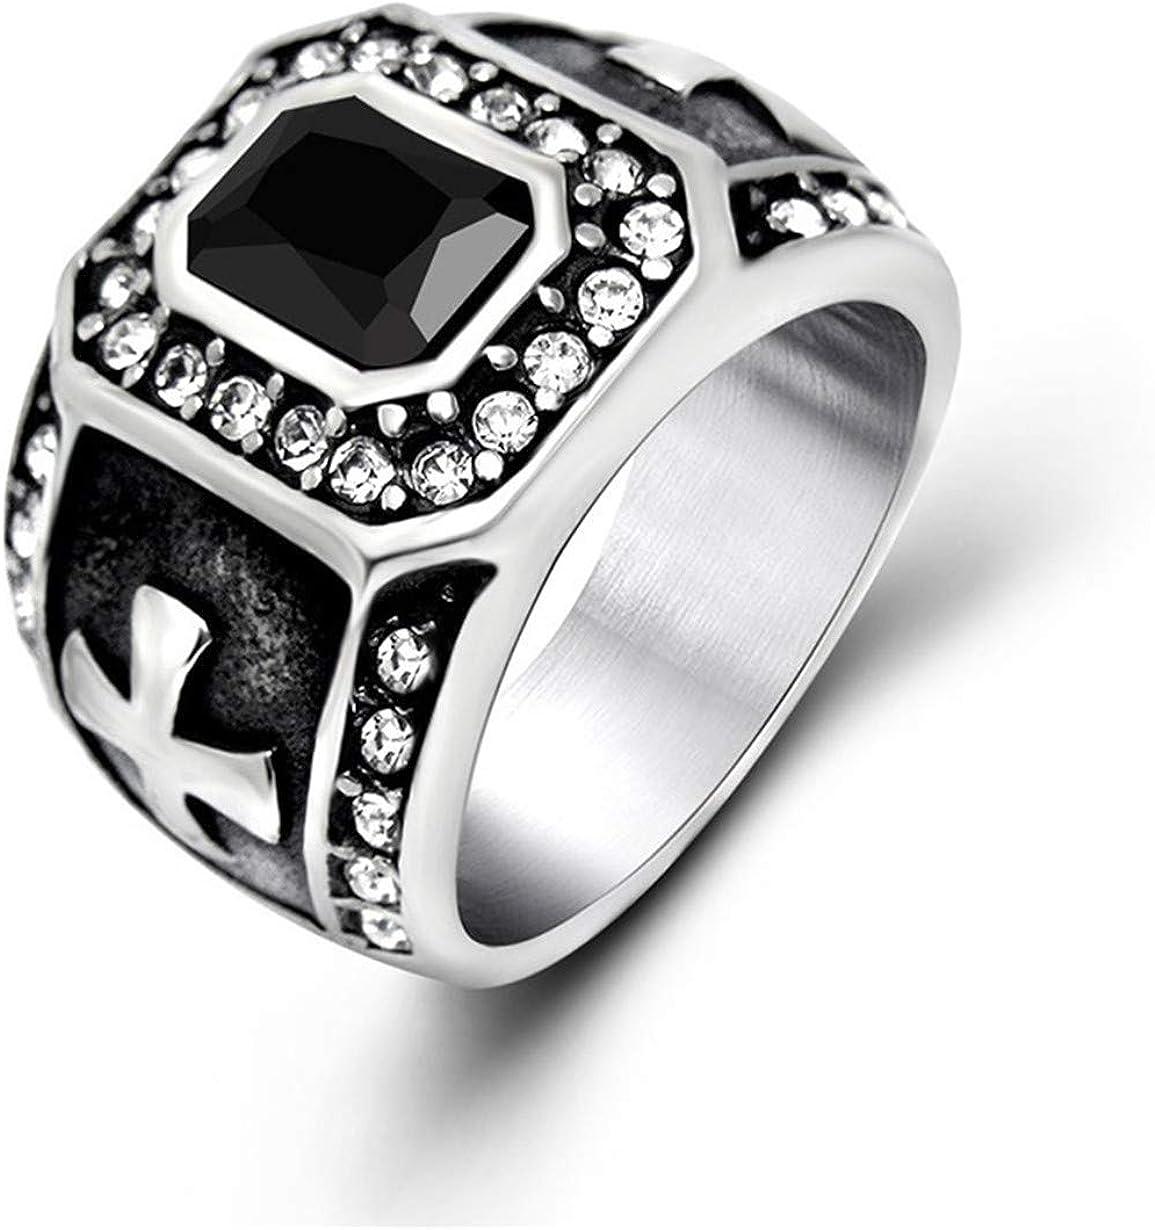 Vendimia Piedras Preciosas De Diamantes De Moda De Los Hombres Acero Titanio Anillo